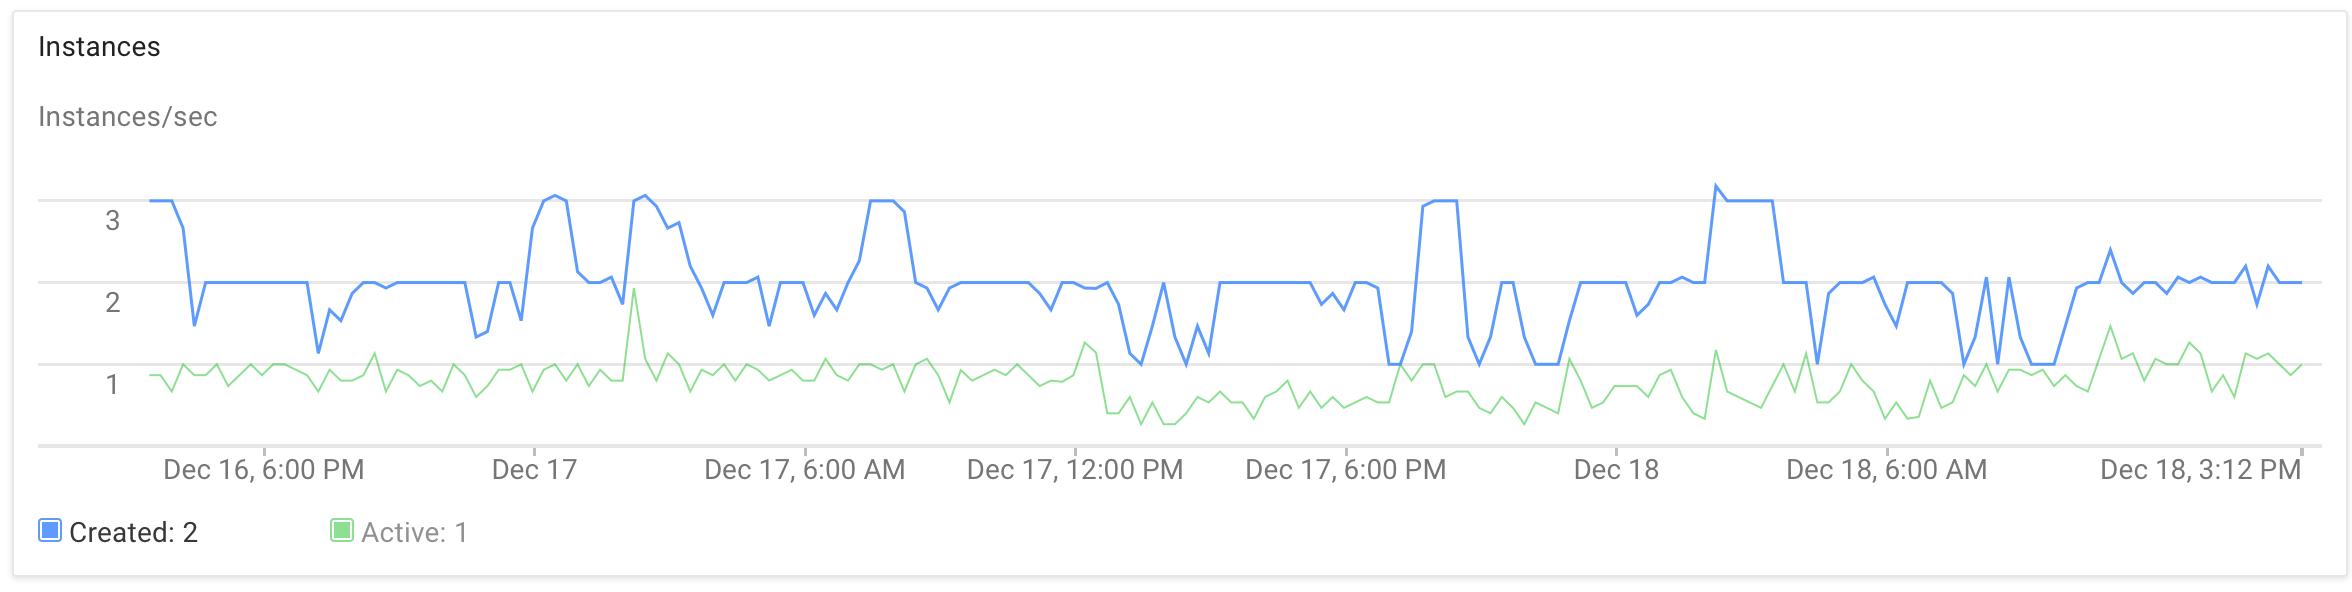 screen shot 2015-12-18 at 3 13 41 pm